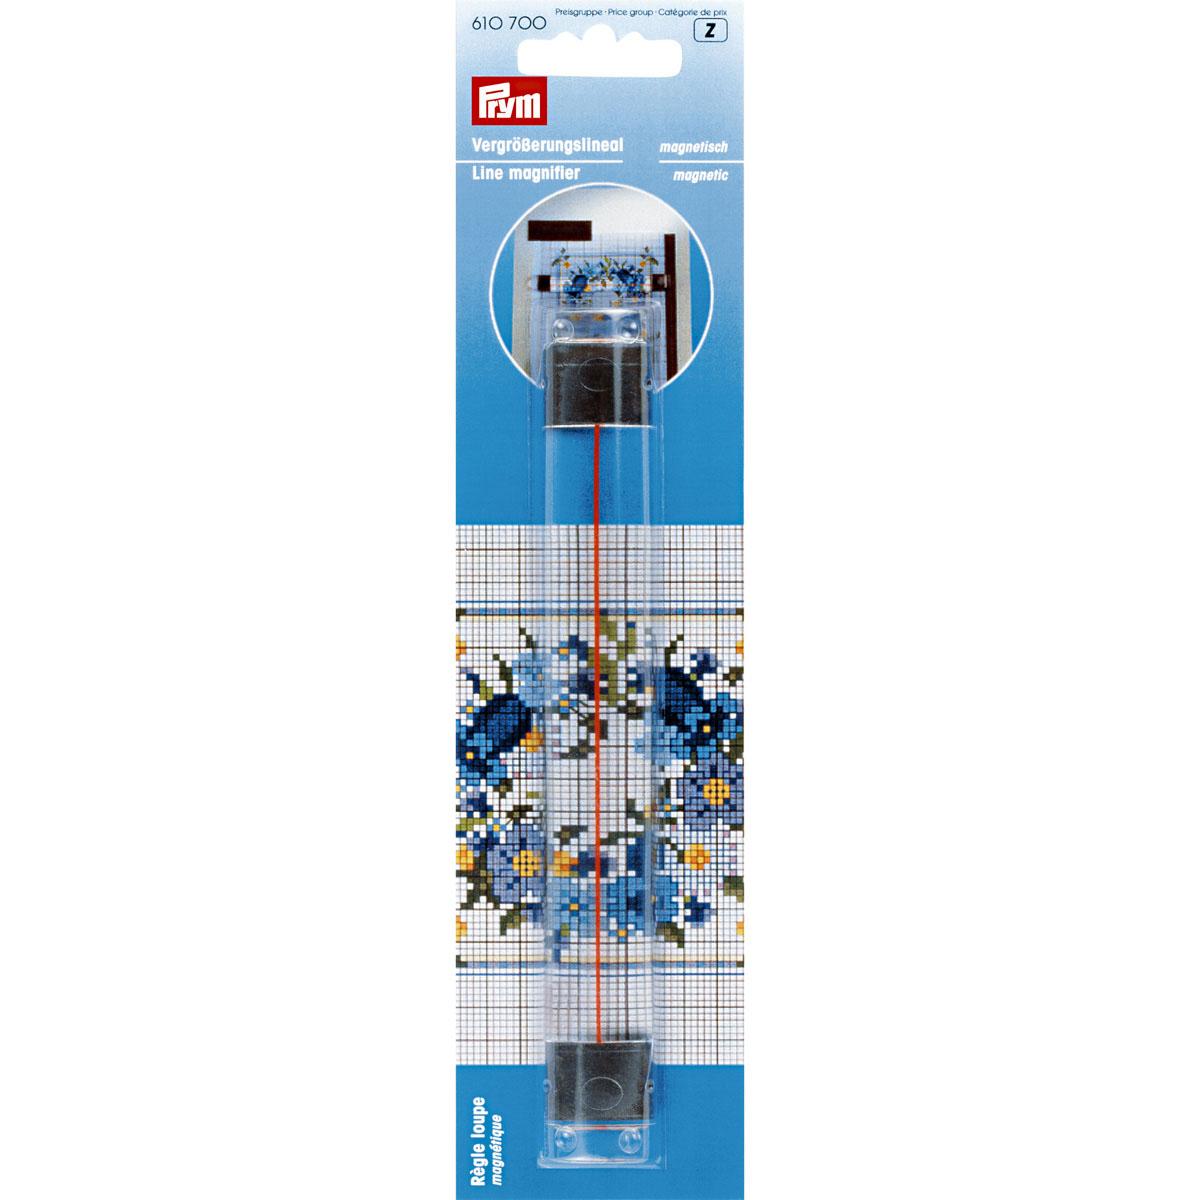 610700 Линейка увеличительная магнитная, 16,5х2,2 см, Prym